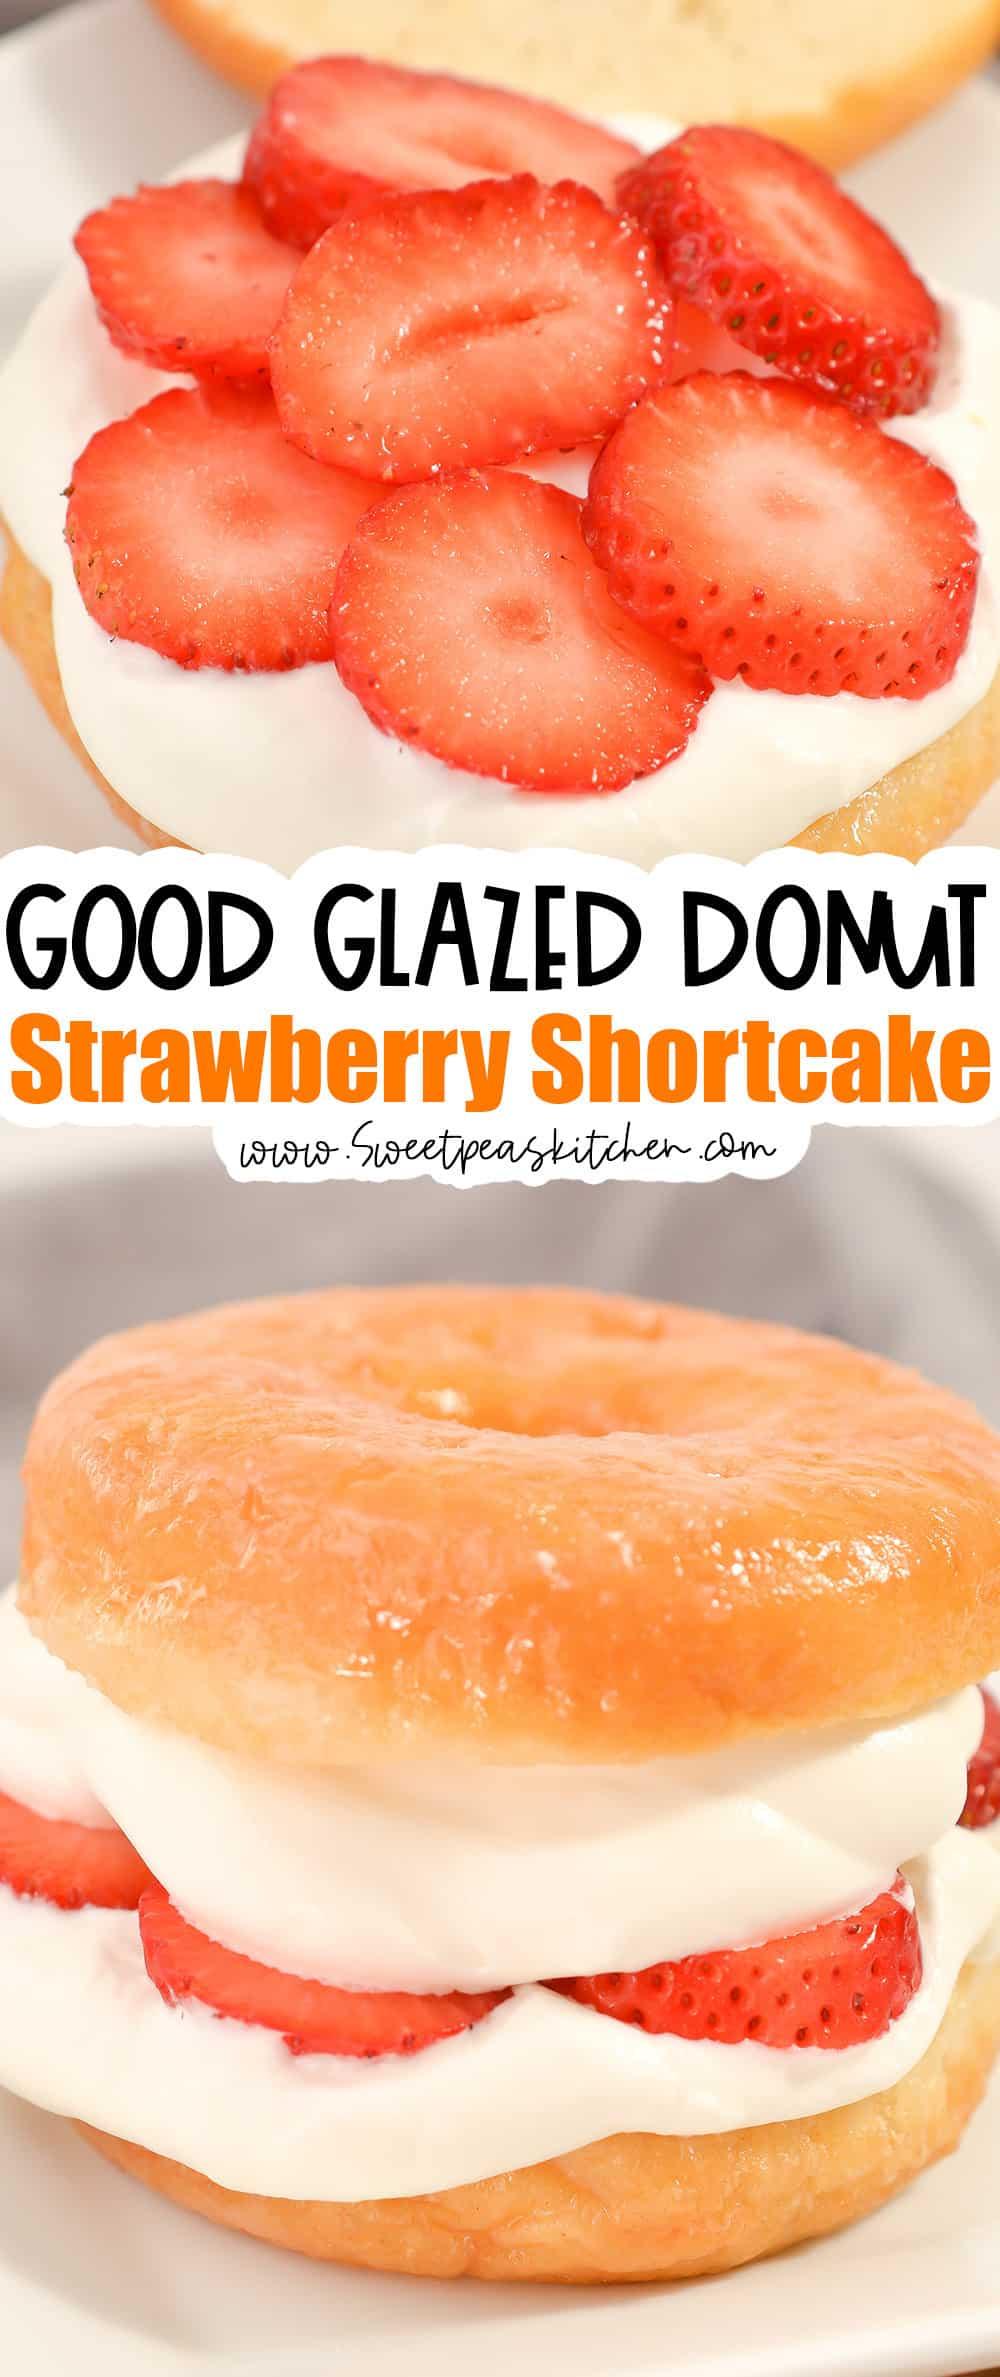 Glazed Donut Strawberry Shortcake